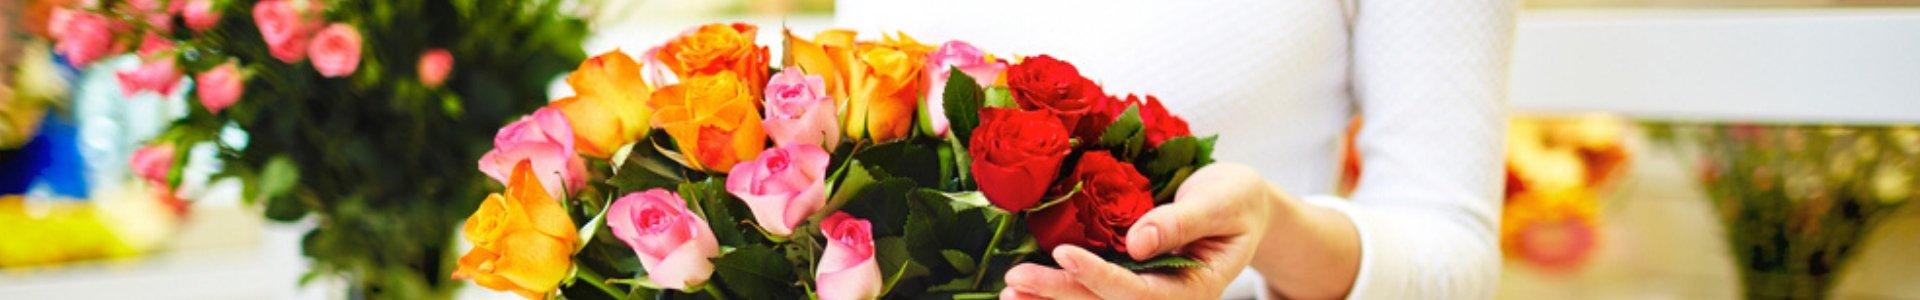 בר פרחים  - באשקלון